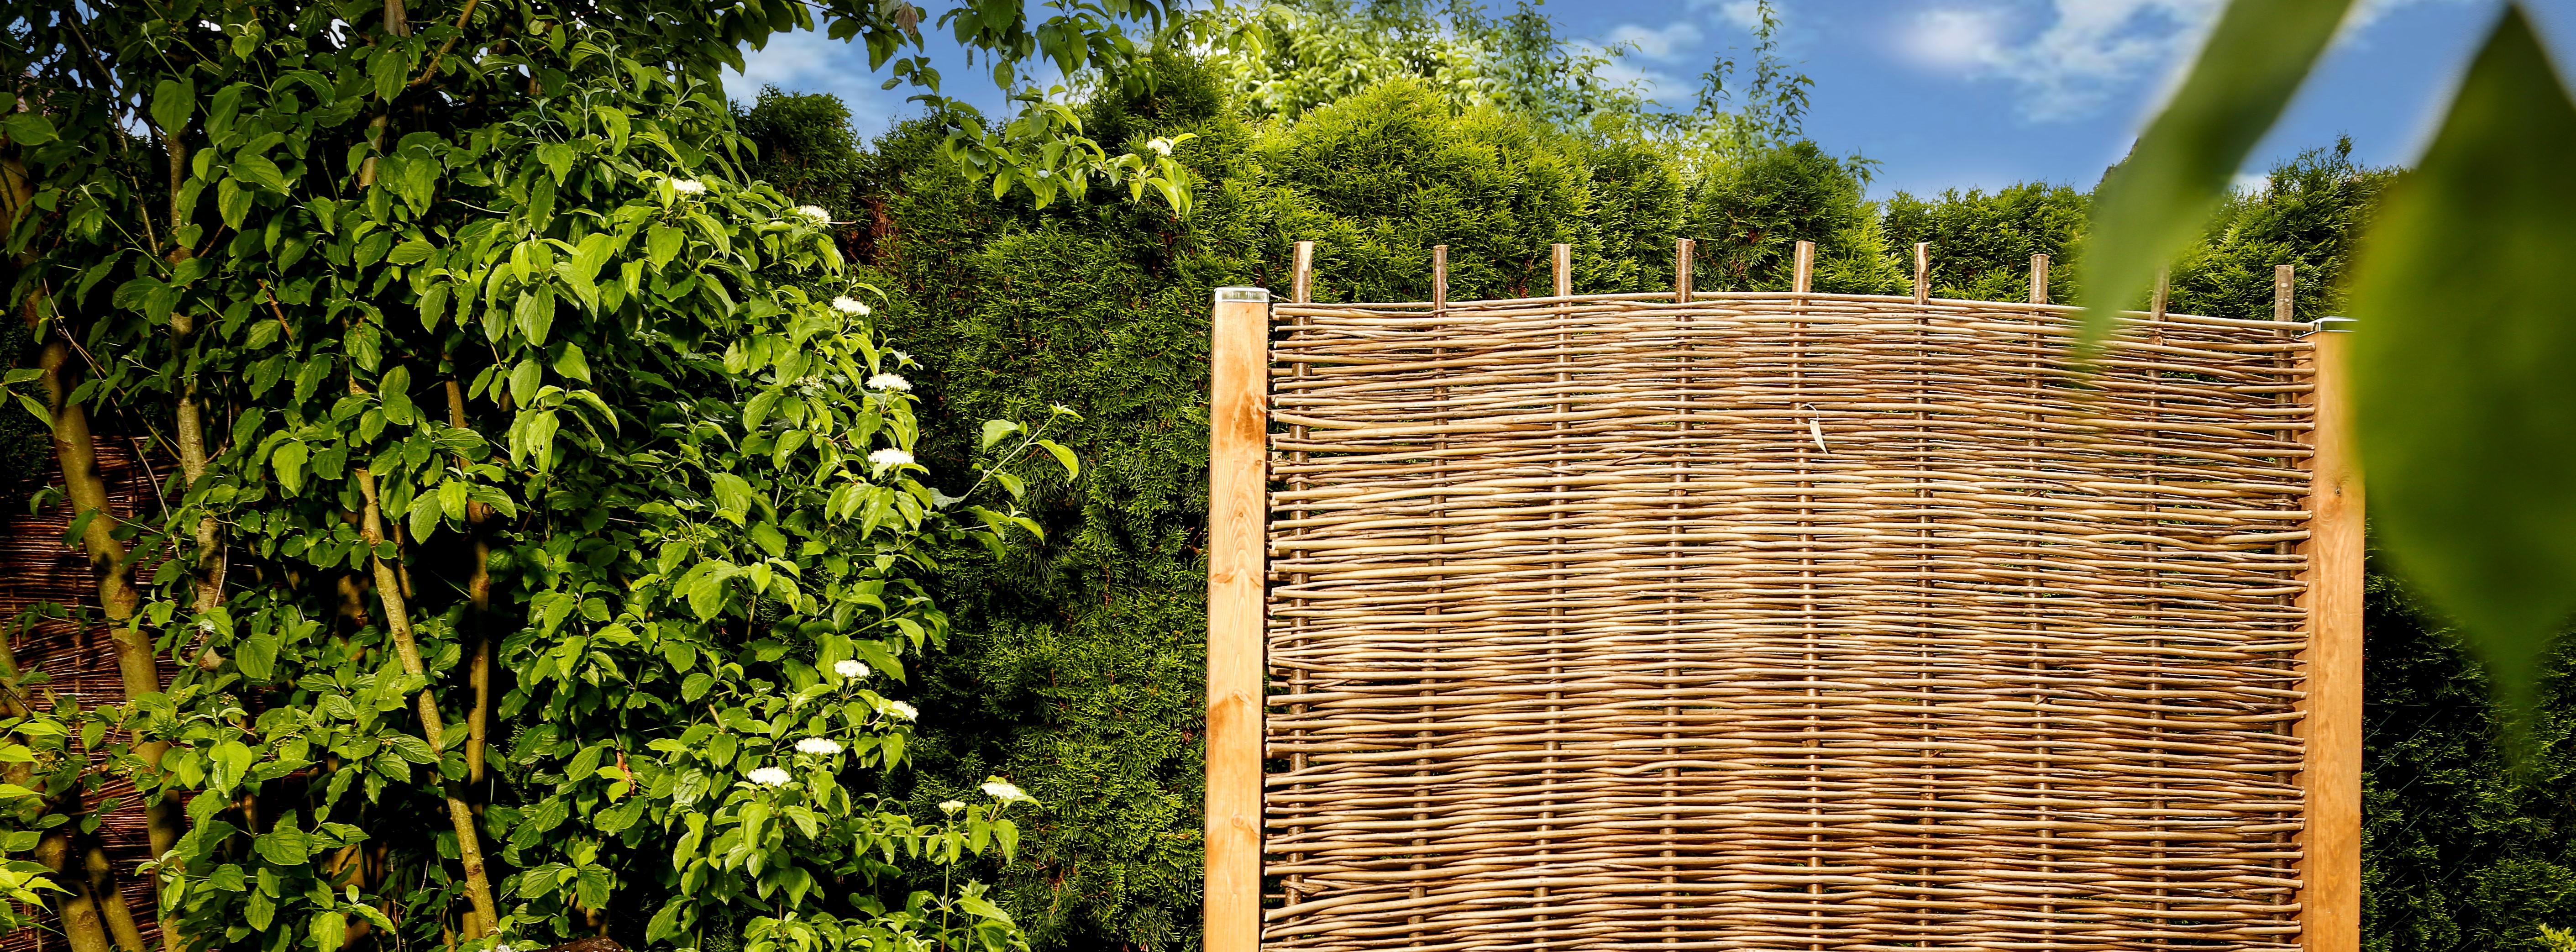 2 Größen Weidenzaun Flechtzaun Sichtschutz Gartenzaun Zaunelement Naturzaun